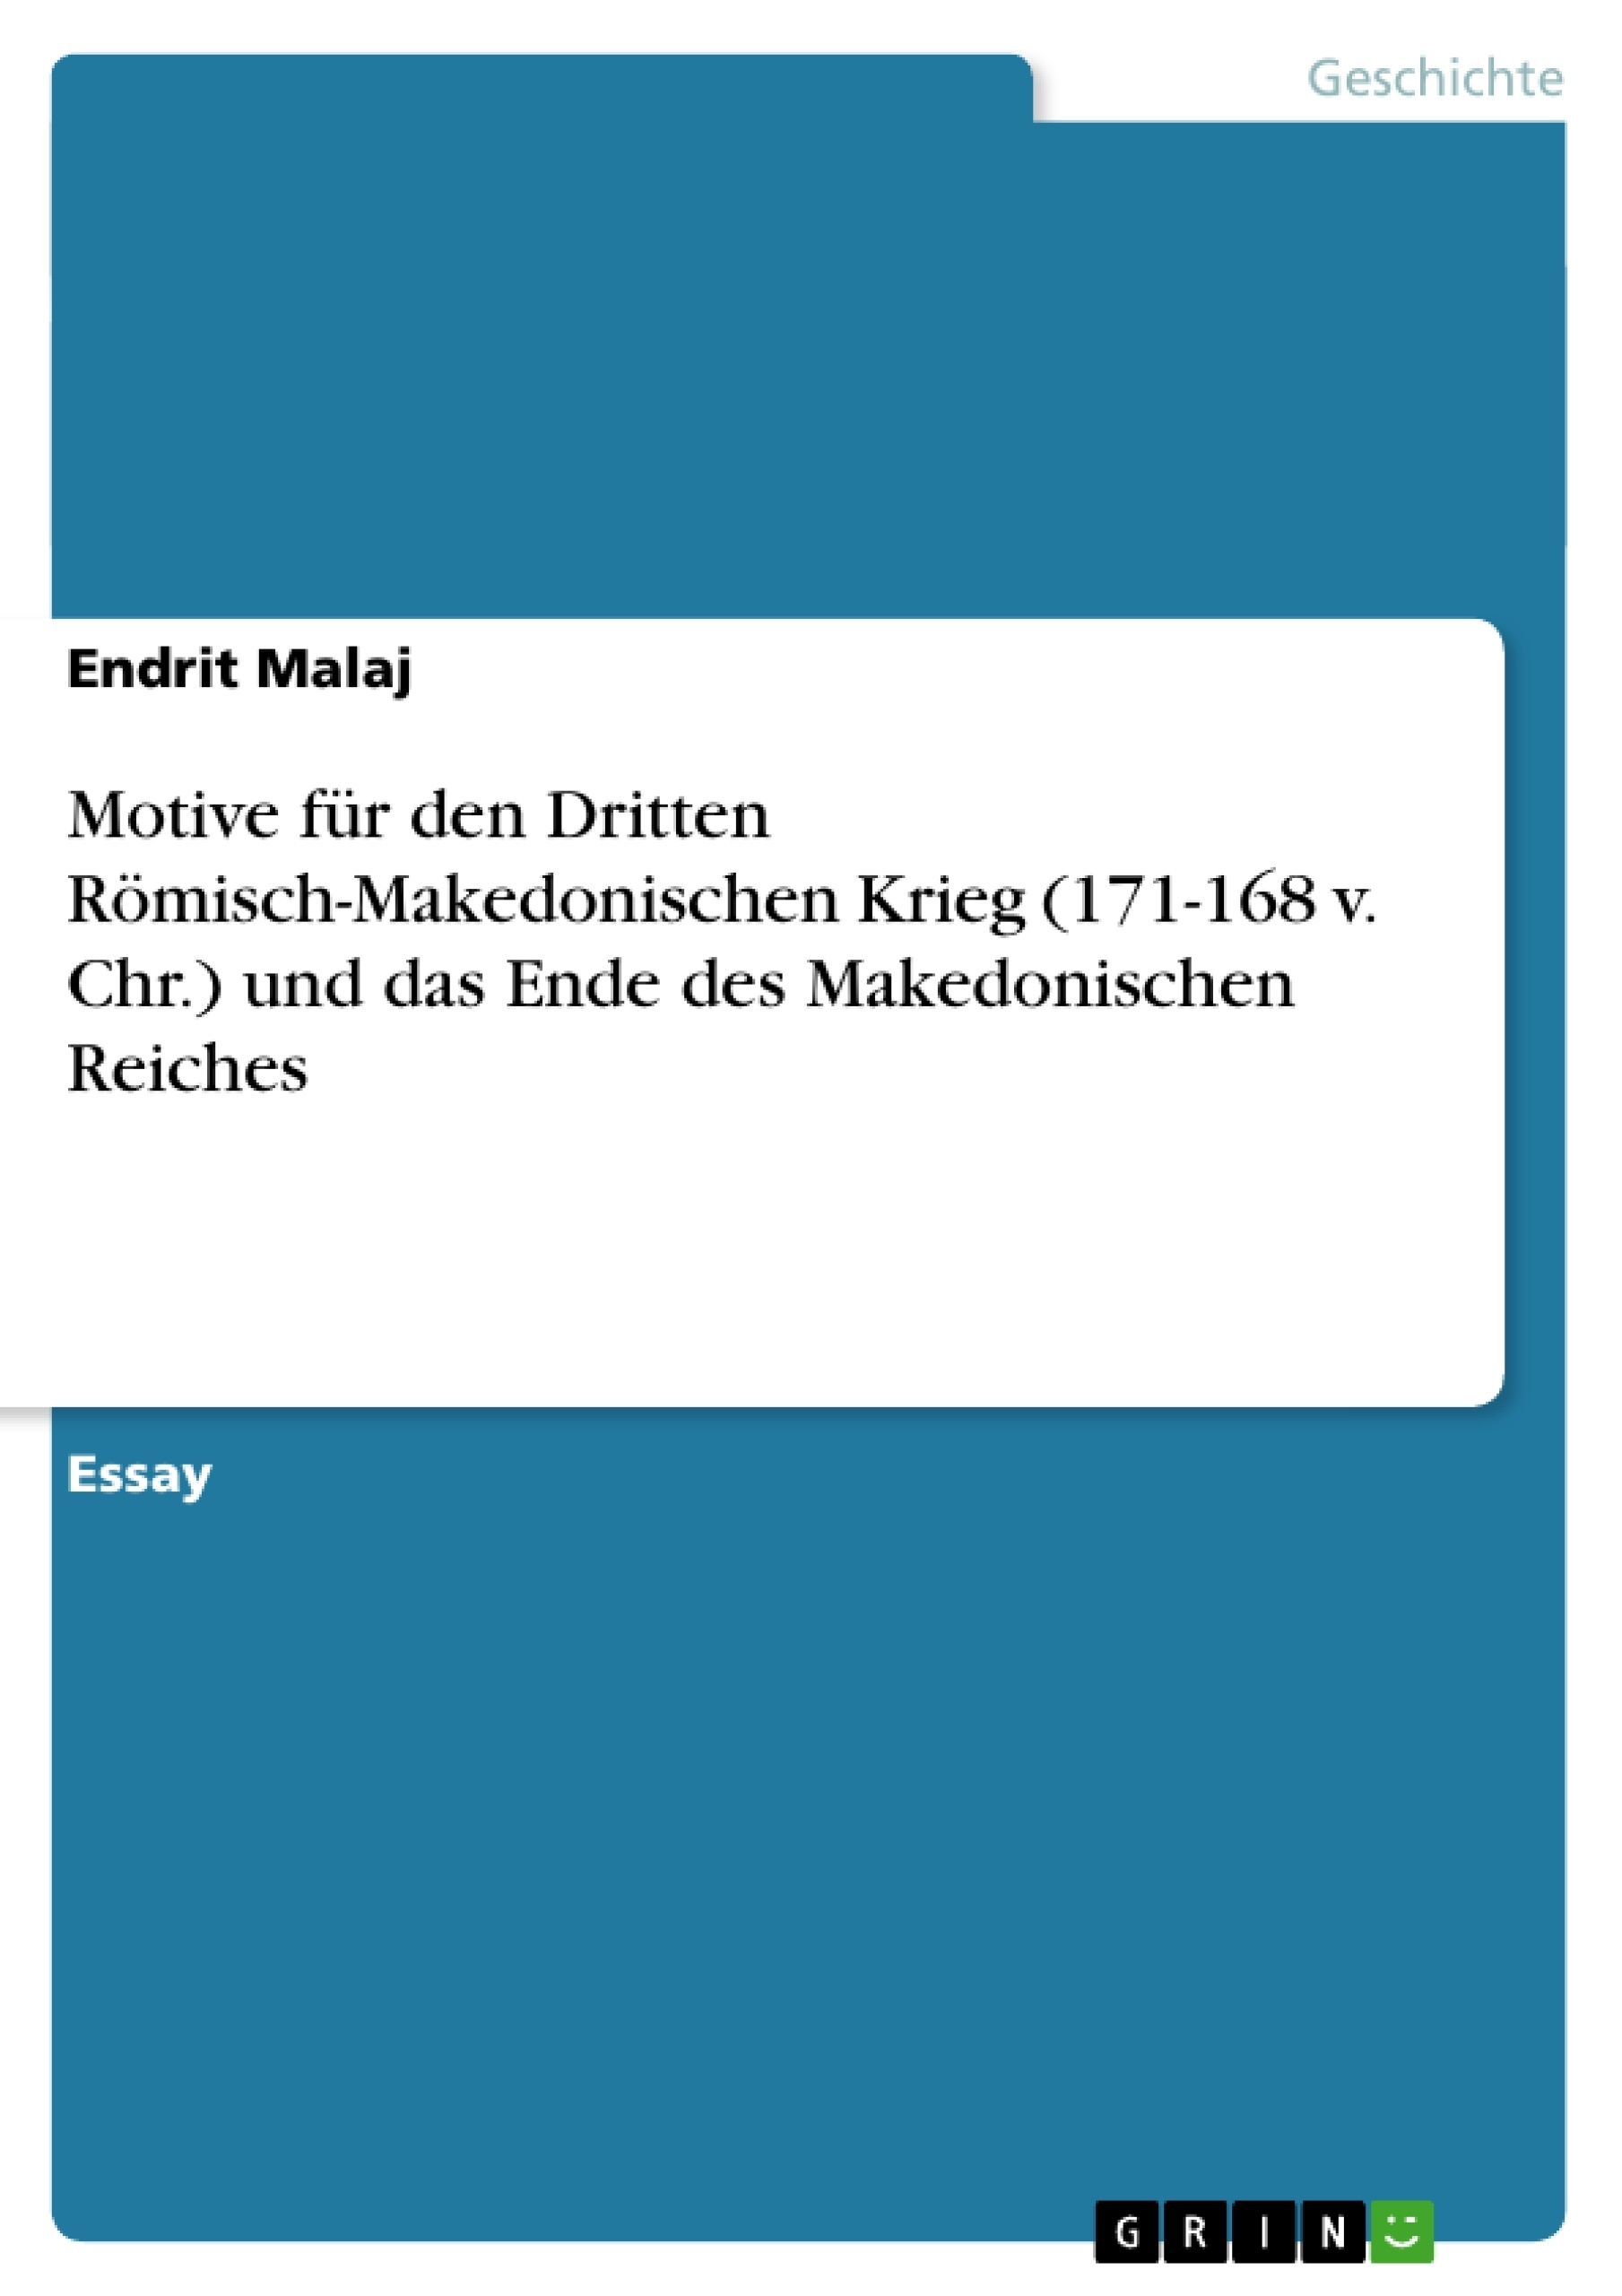 Titel: Motive für den Dritten Römisch-Makedonischen Krieg (171-168 v. Chr.) und das Ende des Makedonischen Reiches